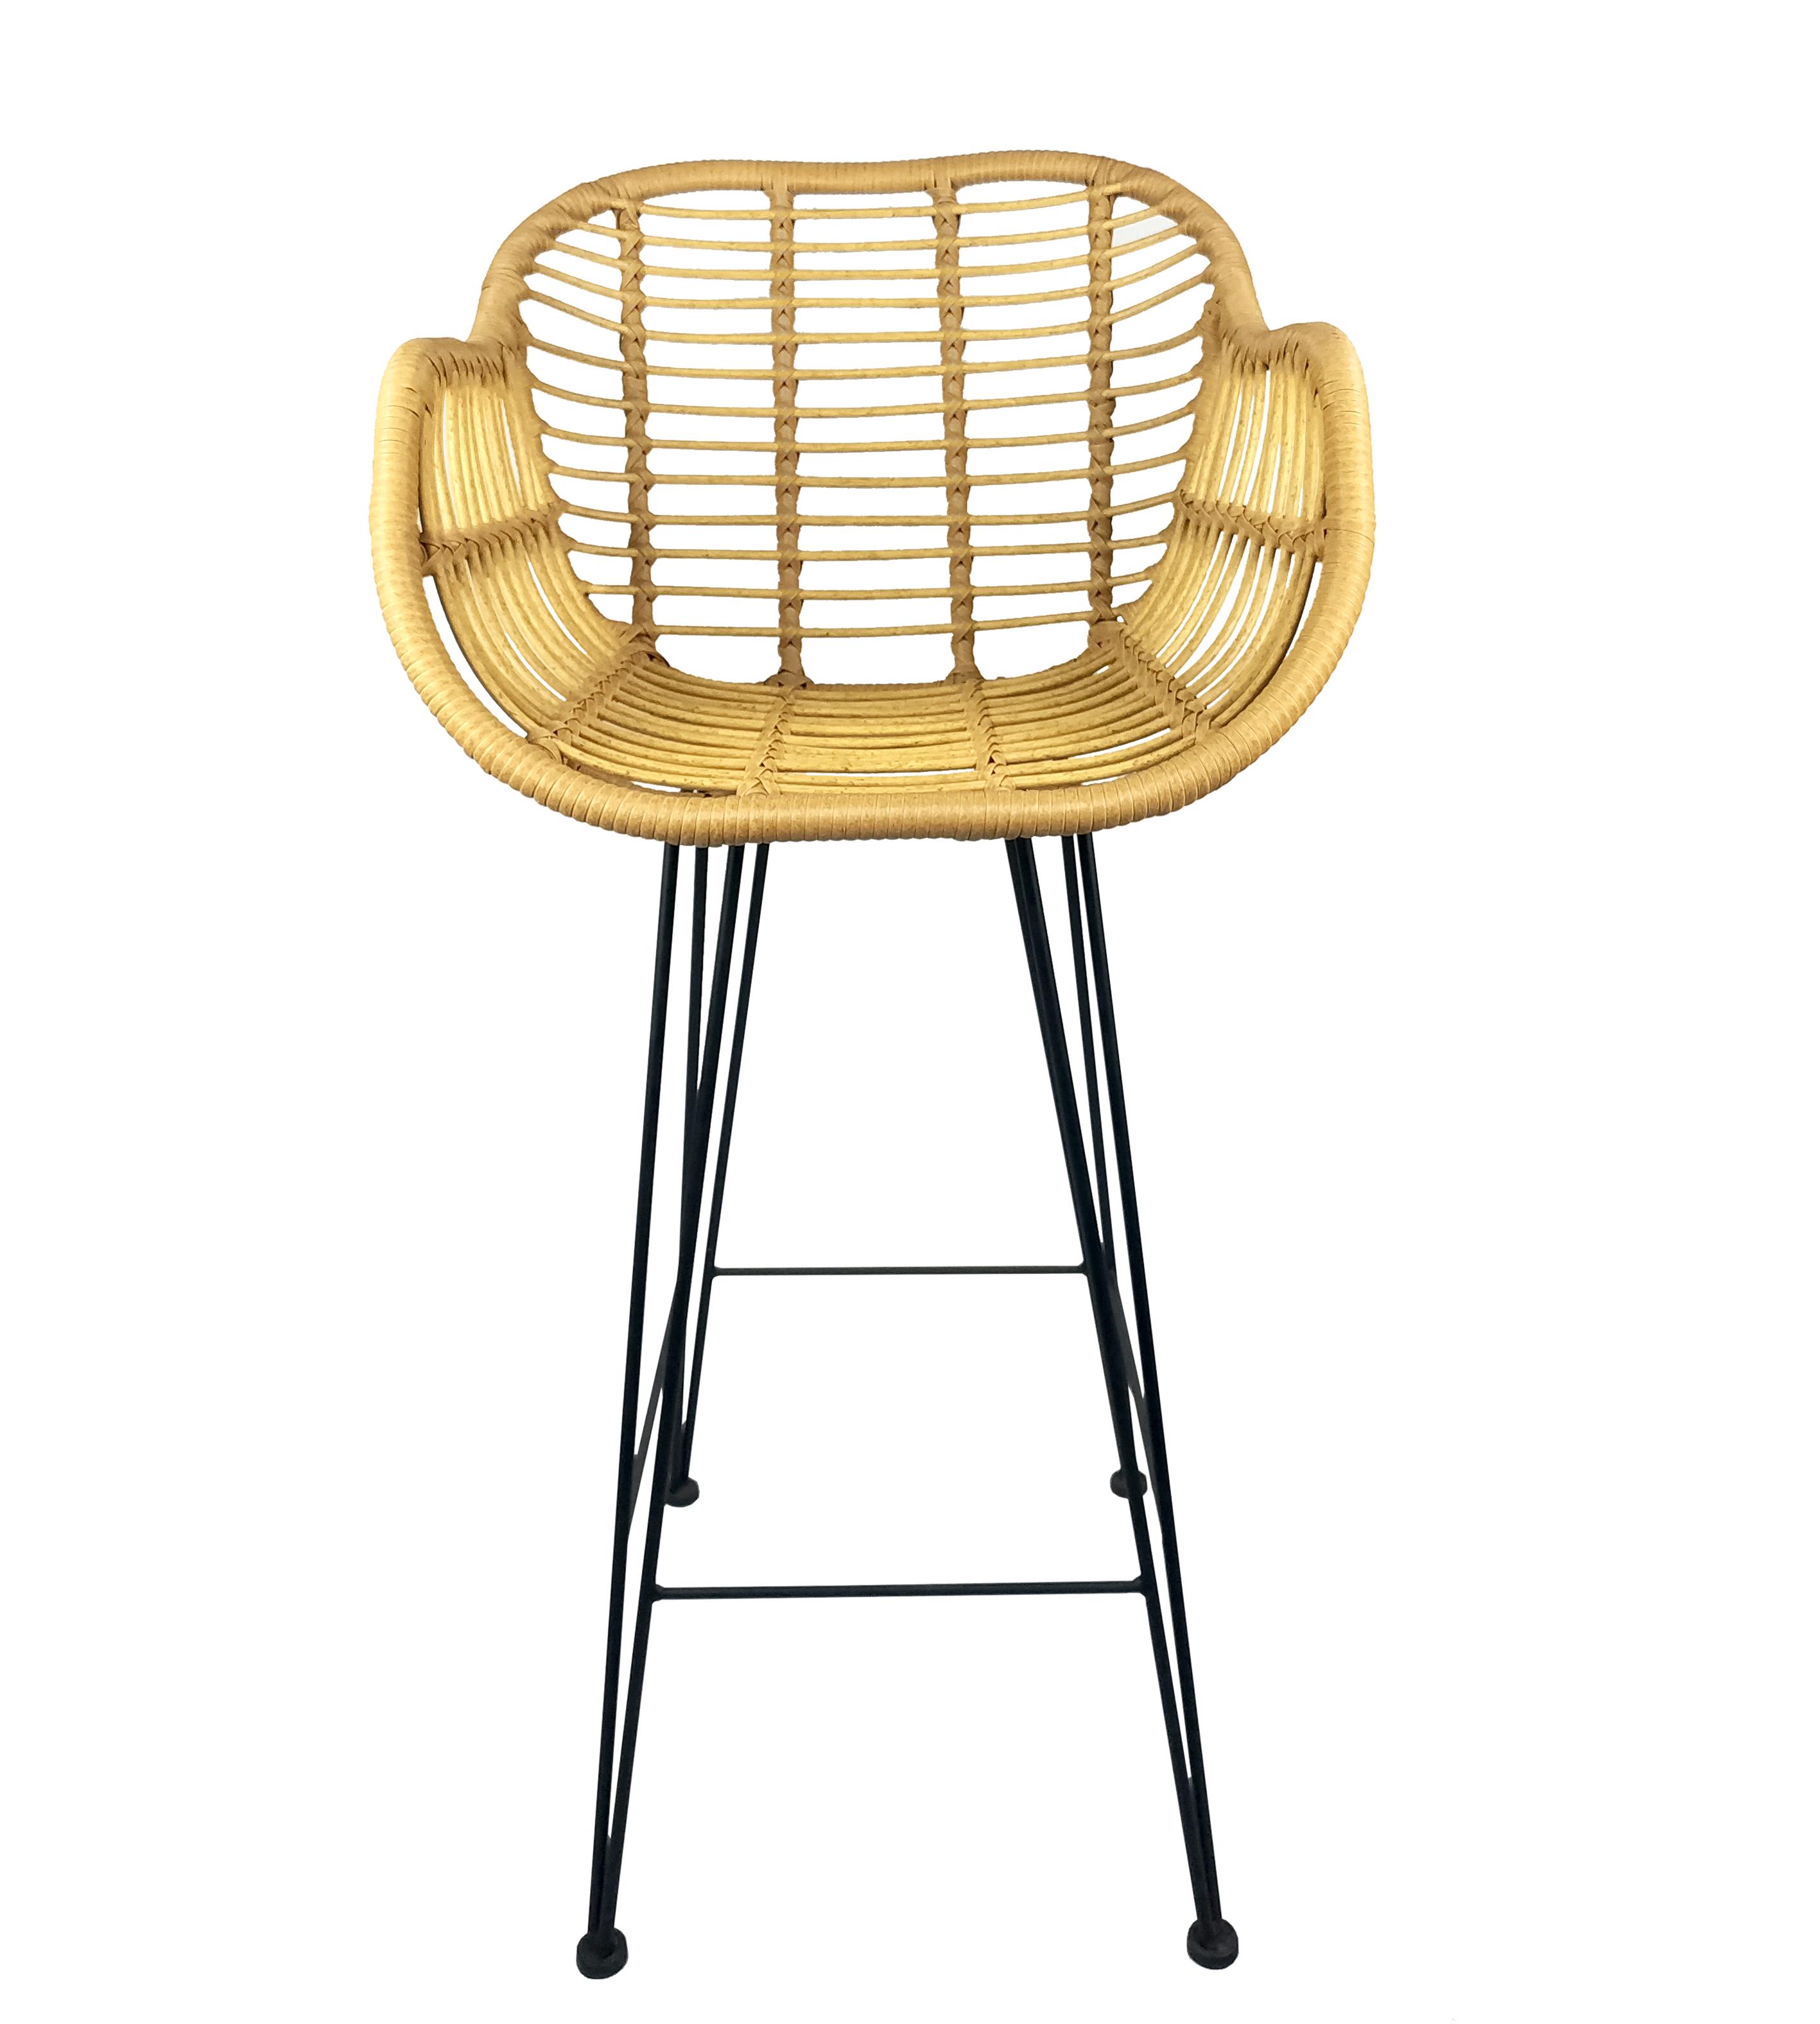 Manufacturer Modern Outdoor Restaurant Metal High Rattan Wicker Bar Stool Chair